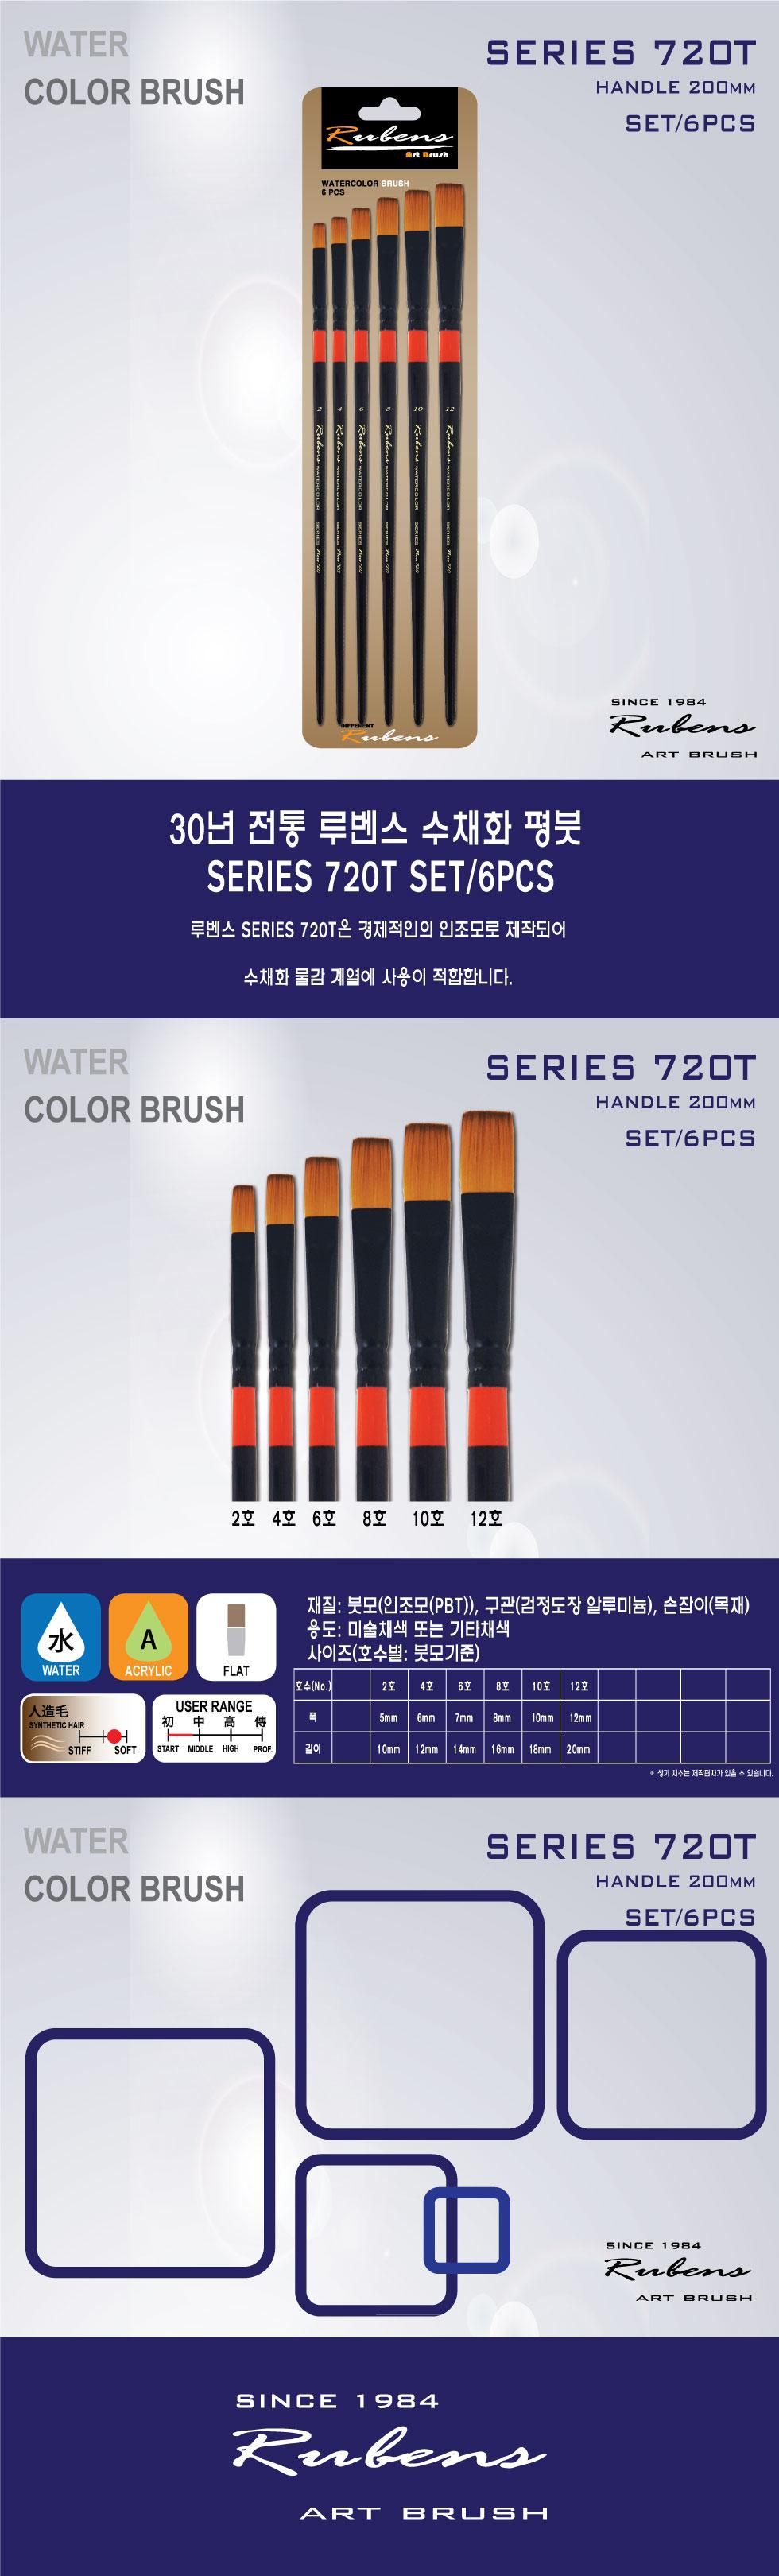 루벤스 720T 수채화 평붓 6본조세트(2 4 6 8 10 12) - 우리아트, 10,850원, 수채화용품, 수채화붓